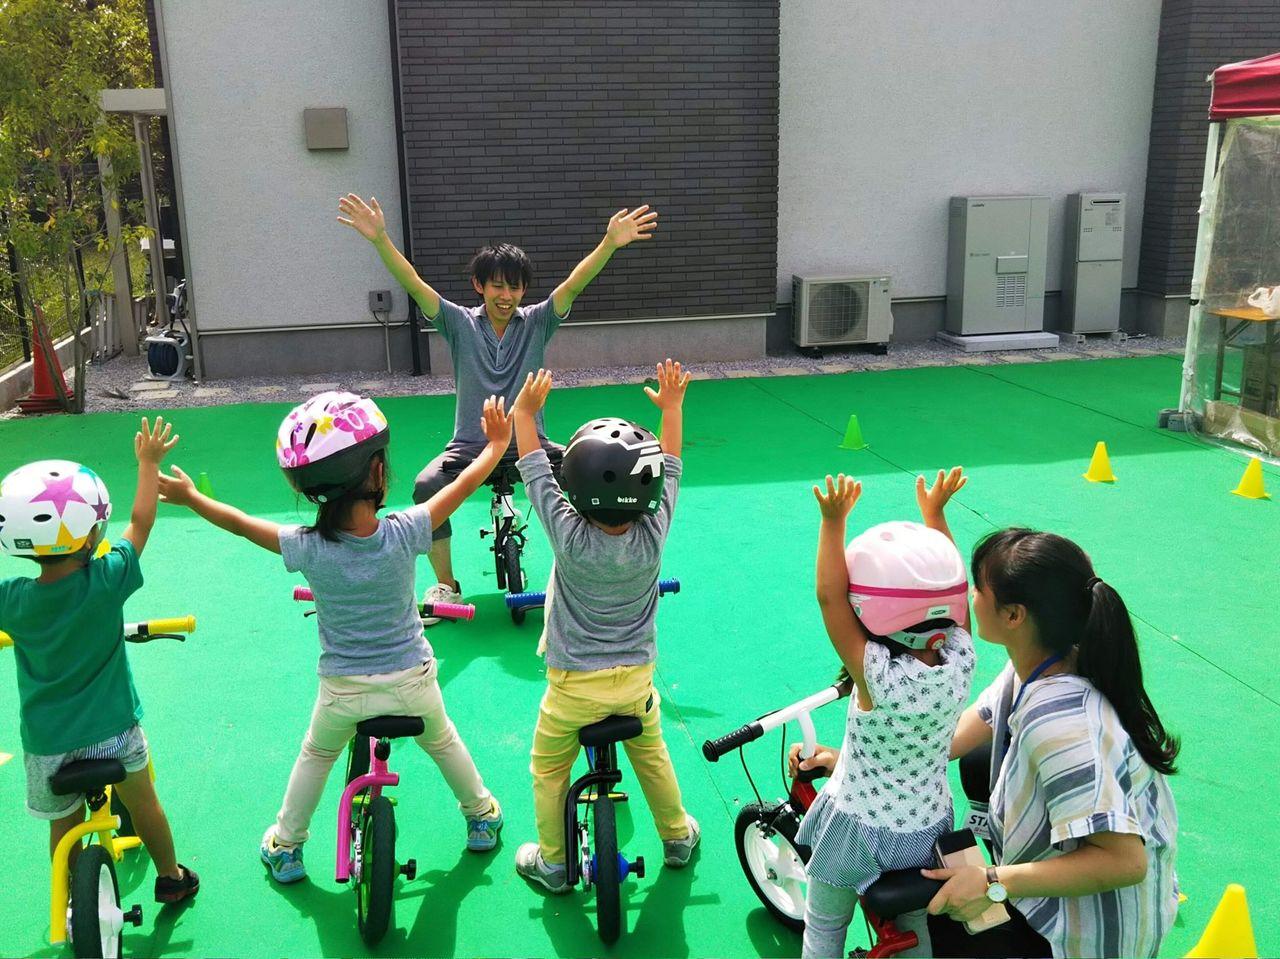 30分で自転車に乗れちゃう!?自転車教室 特別レッスン【小平】2019年3月10日(日)